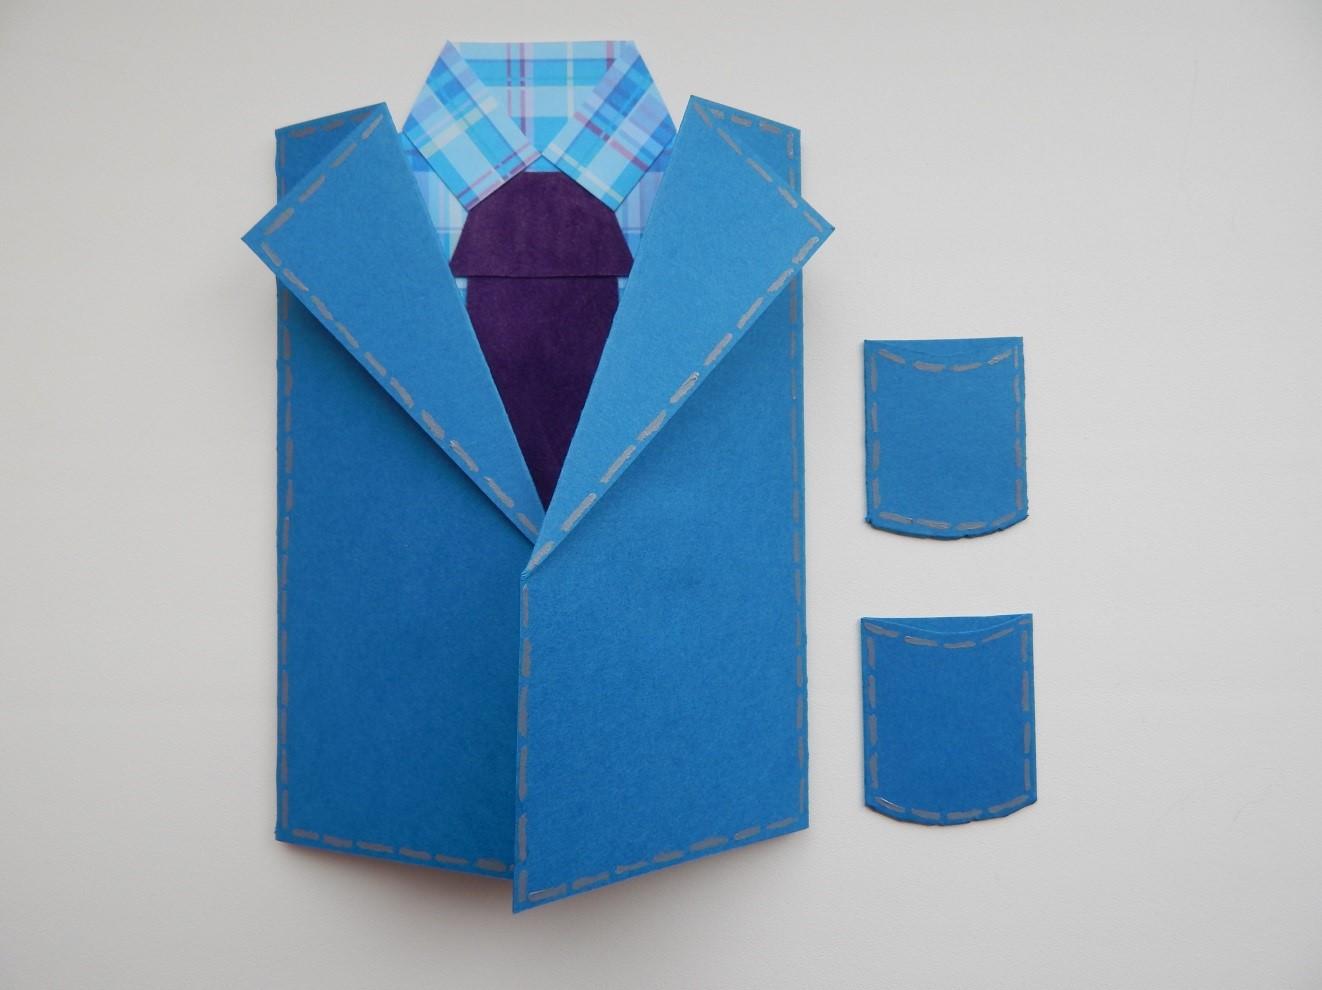 букет это открытка рубашка с галстуком своими руками пошаговая армейском корпусе